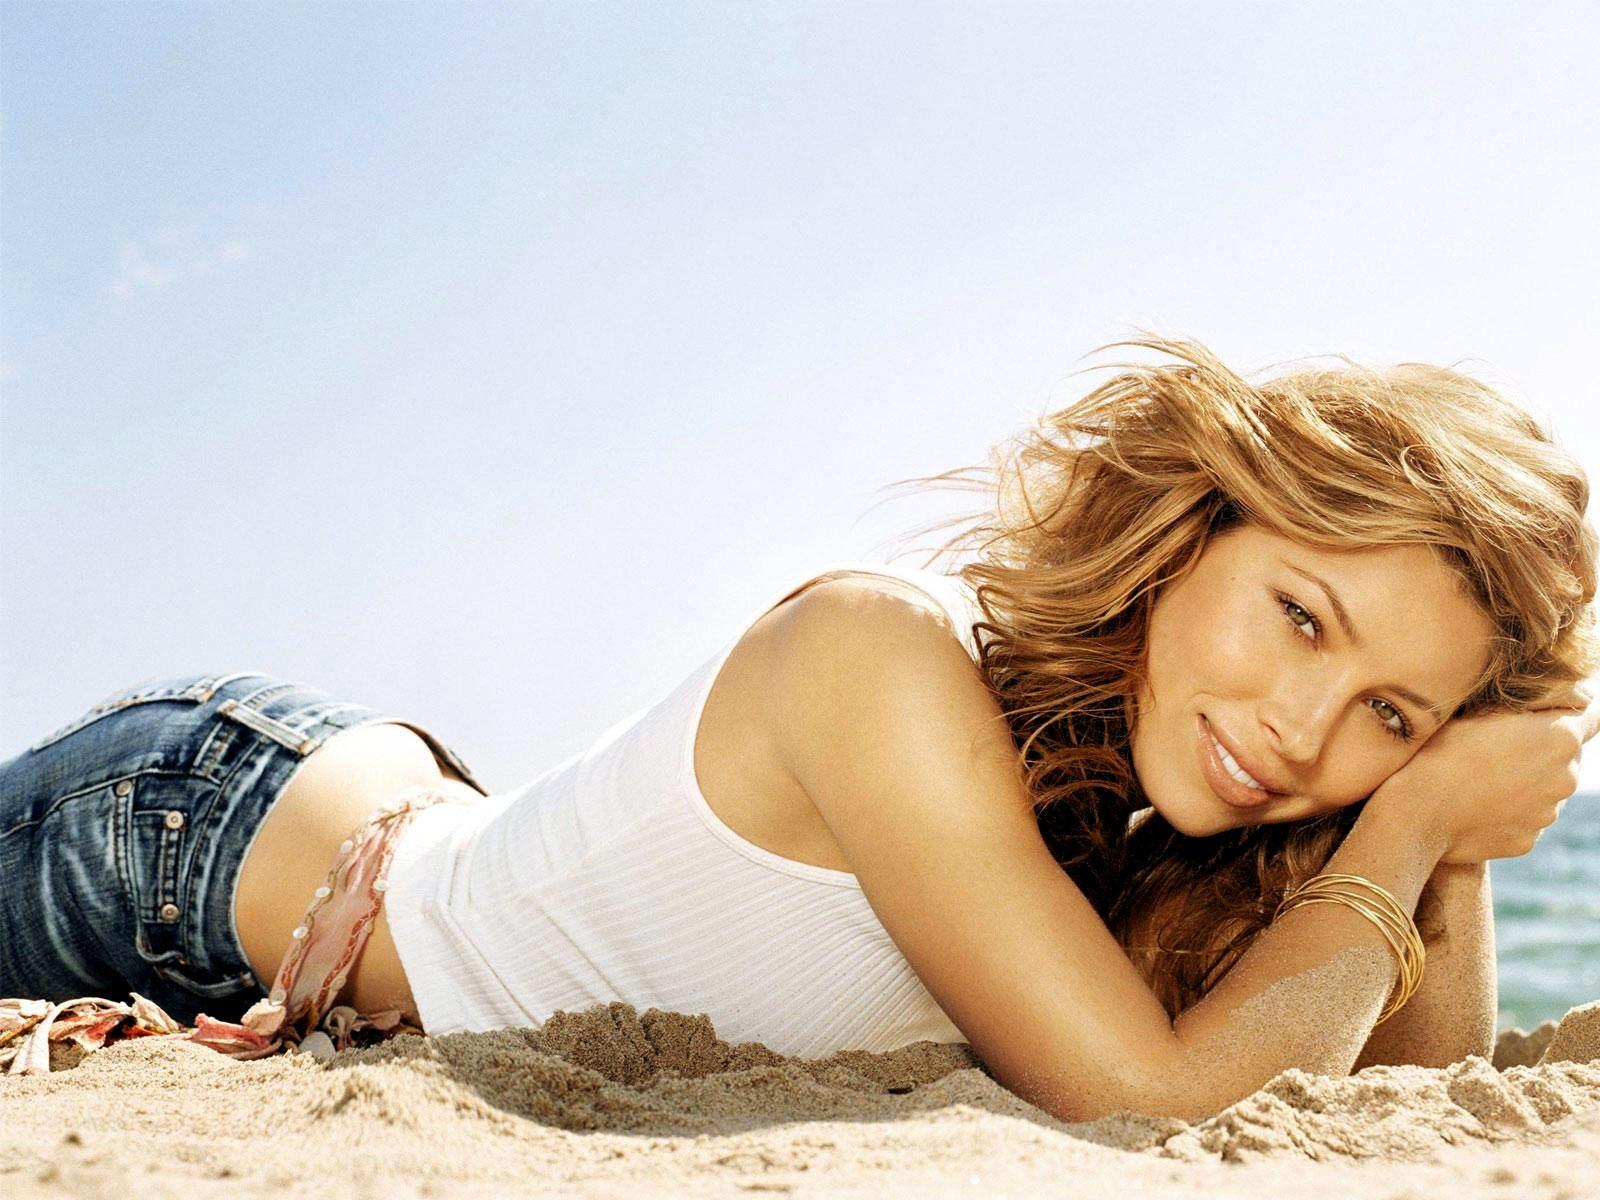 Jessica Biel una actriz muy sexy en Total Recall (Desafío Total)